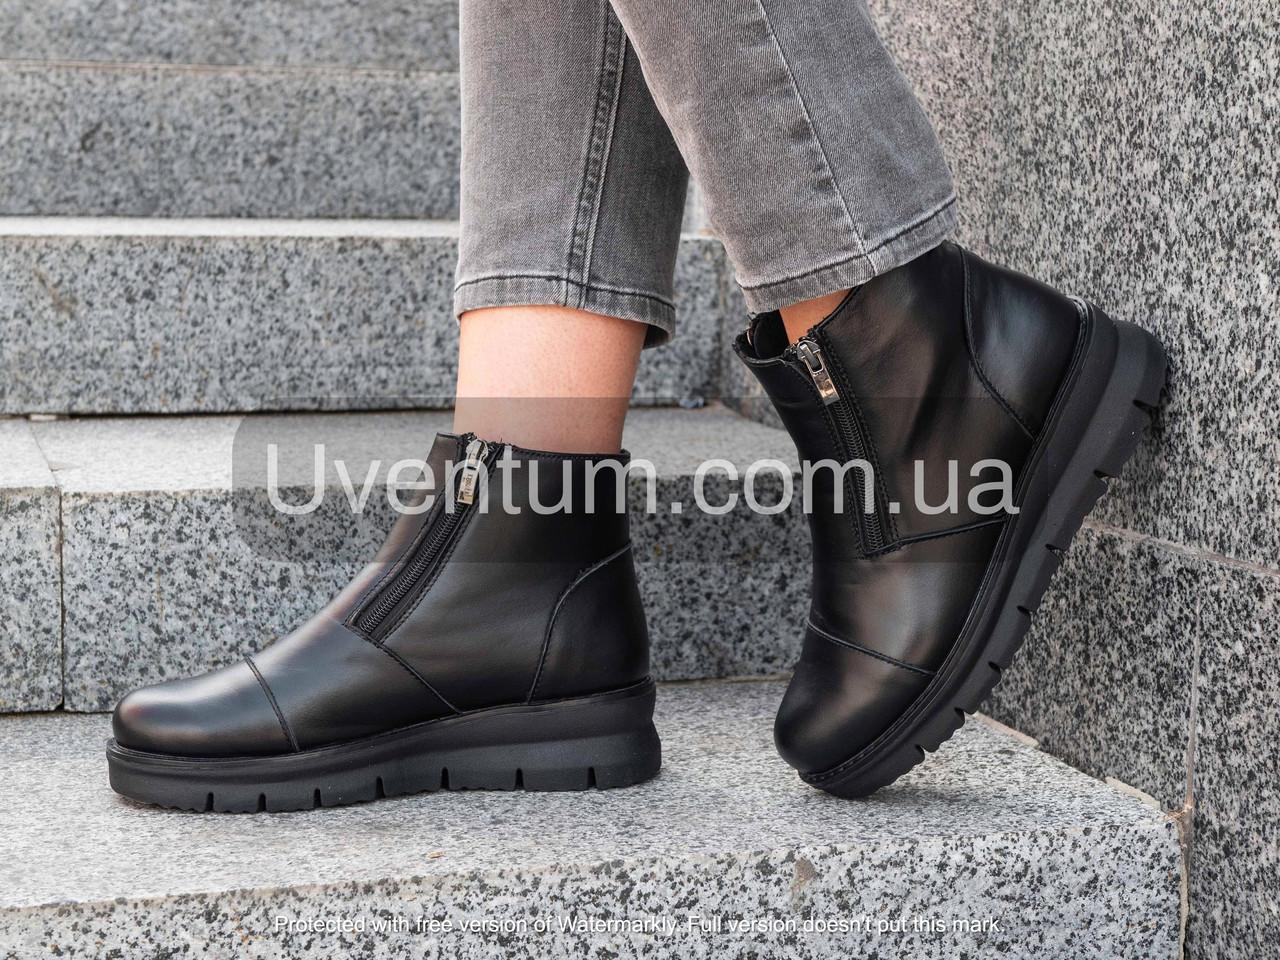 Модні черевики жіночі шкіряні 36-40 чорний